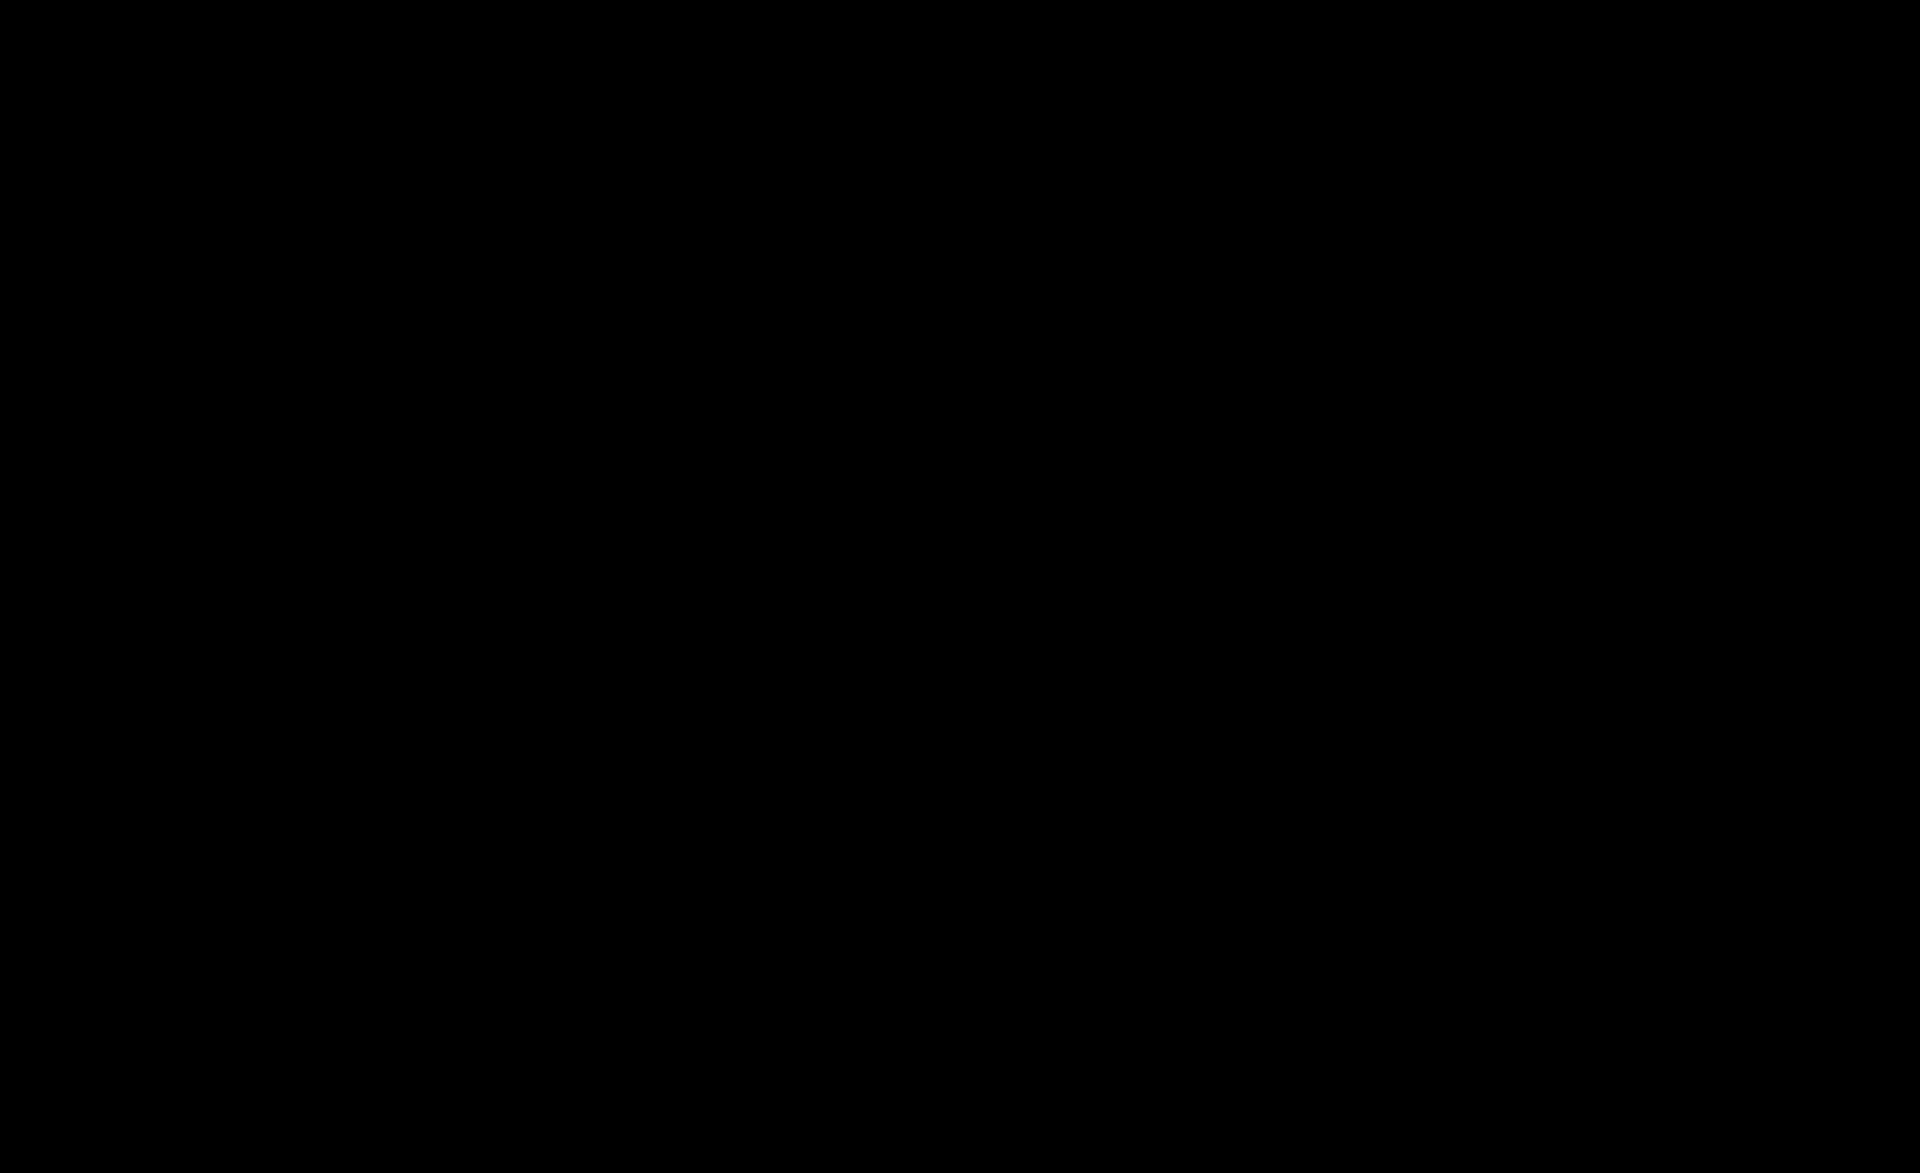 coctails-bg-05